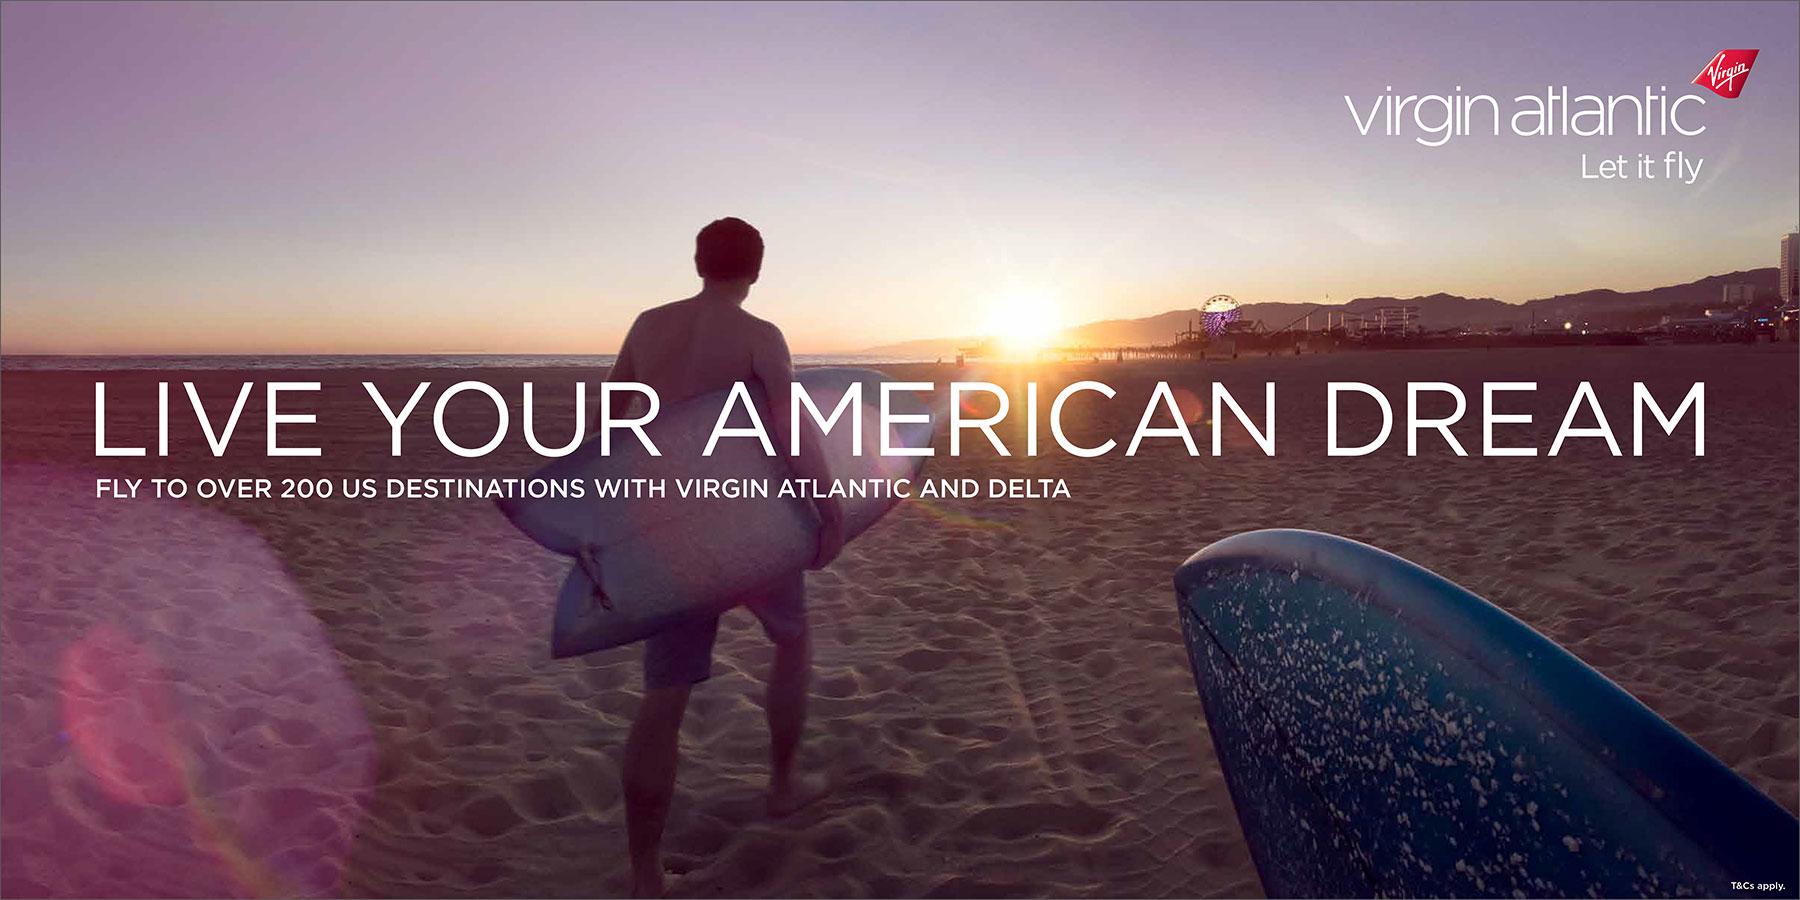 RJS_Virgin_Atlantic_American_Dream_6